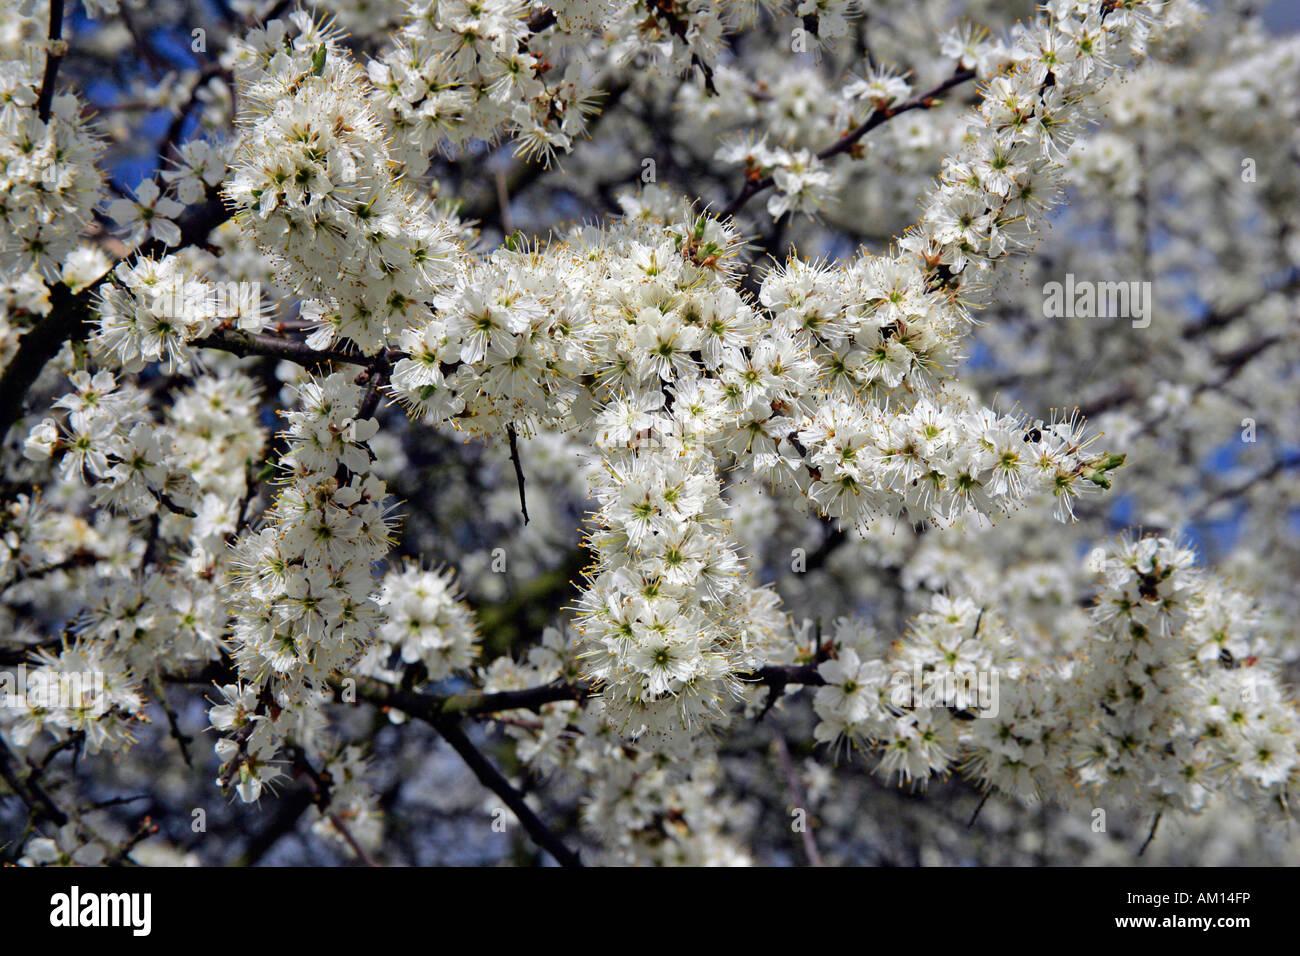 Flowering blackthorn - sloe (Prunus spinosa) Stock Photo